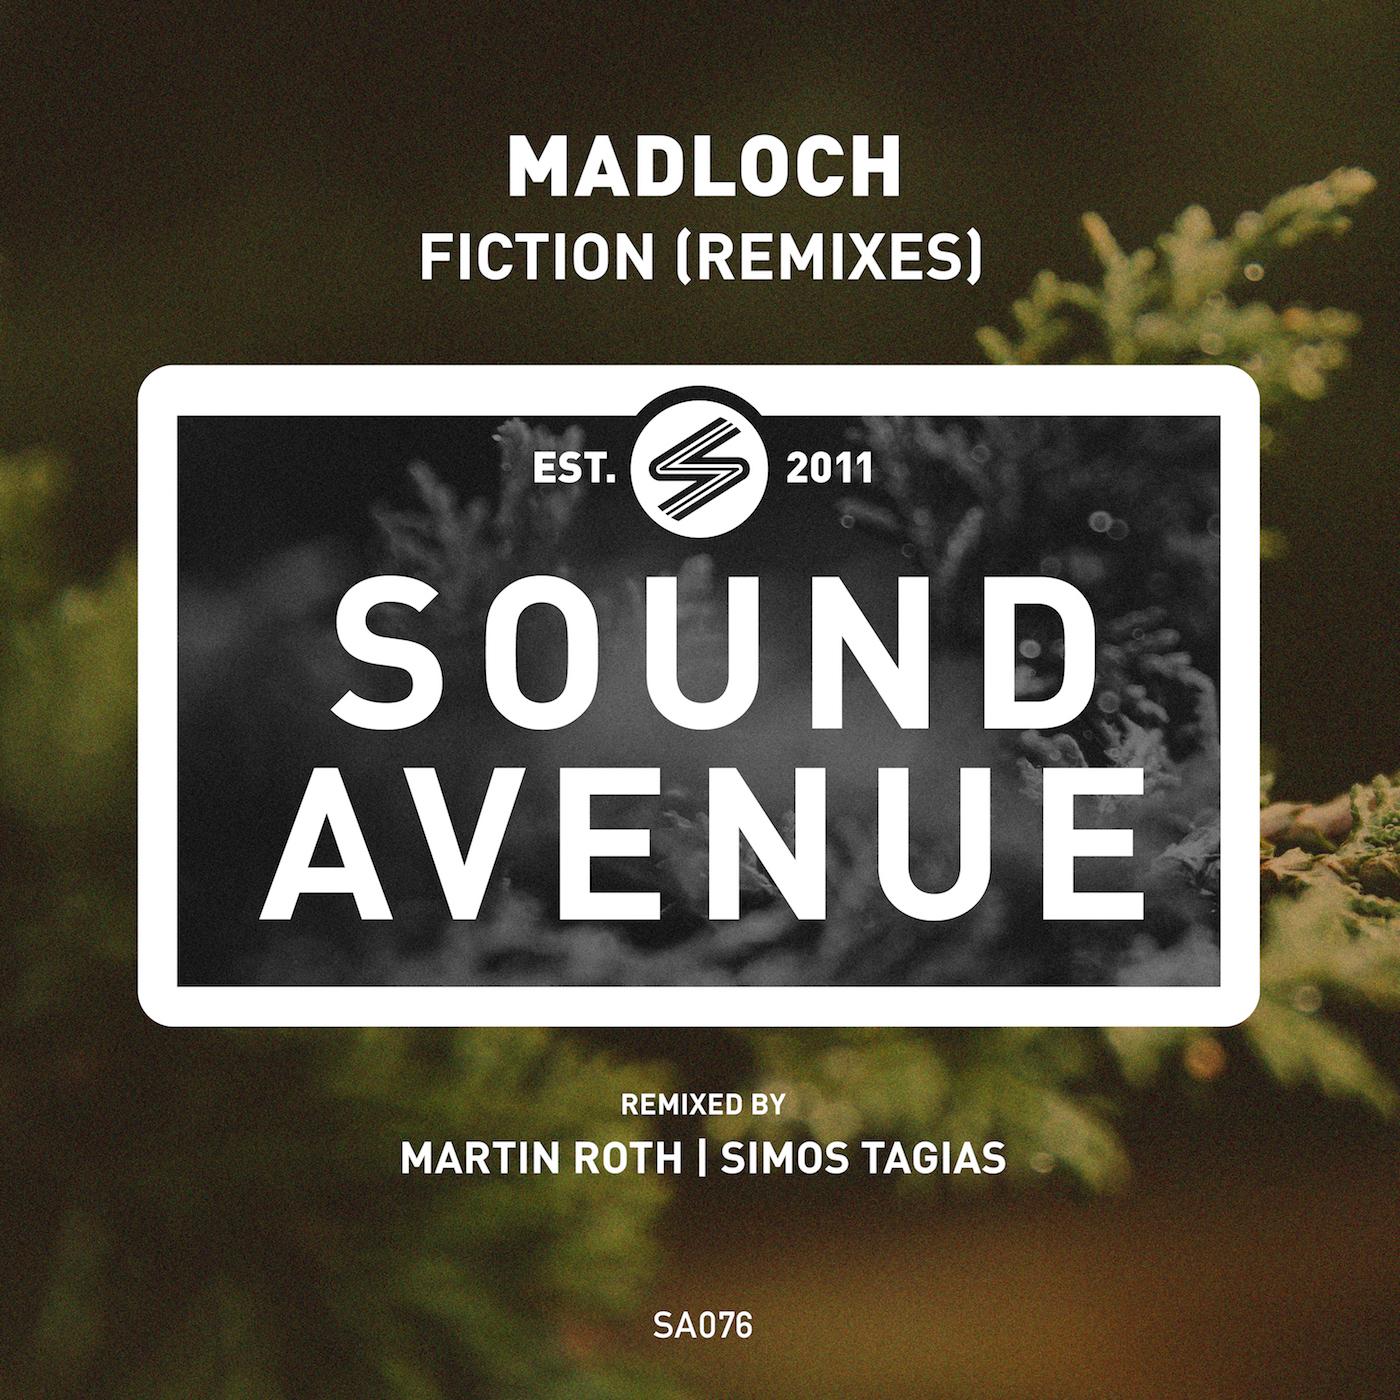 Madloch - Fiction (Remixes) [Sound Avenue]